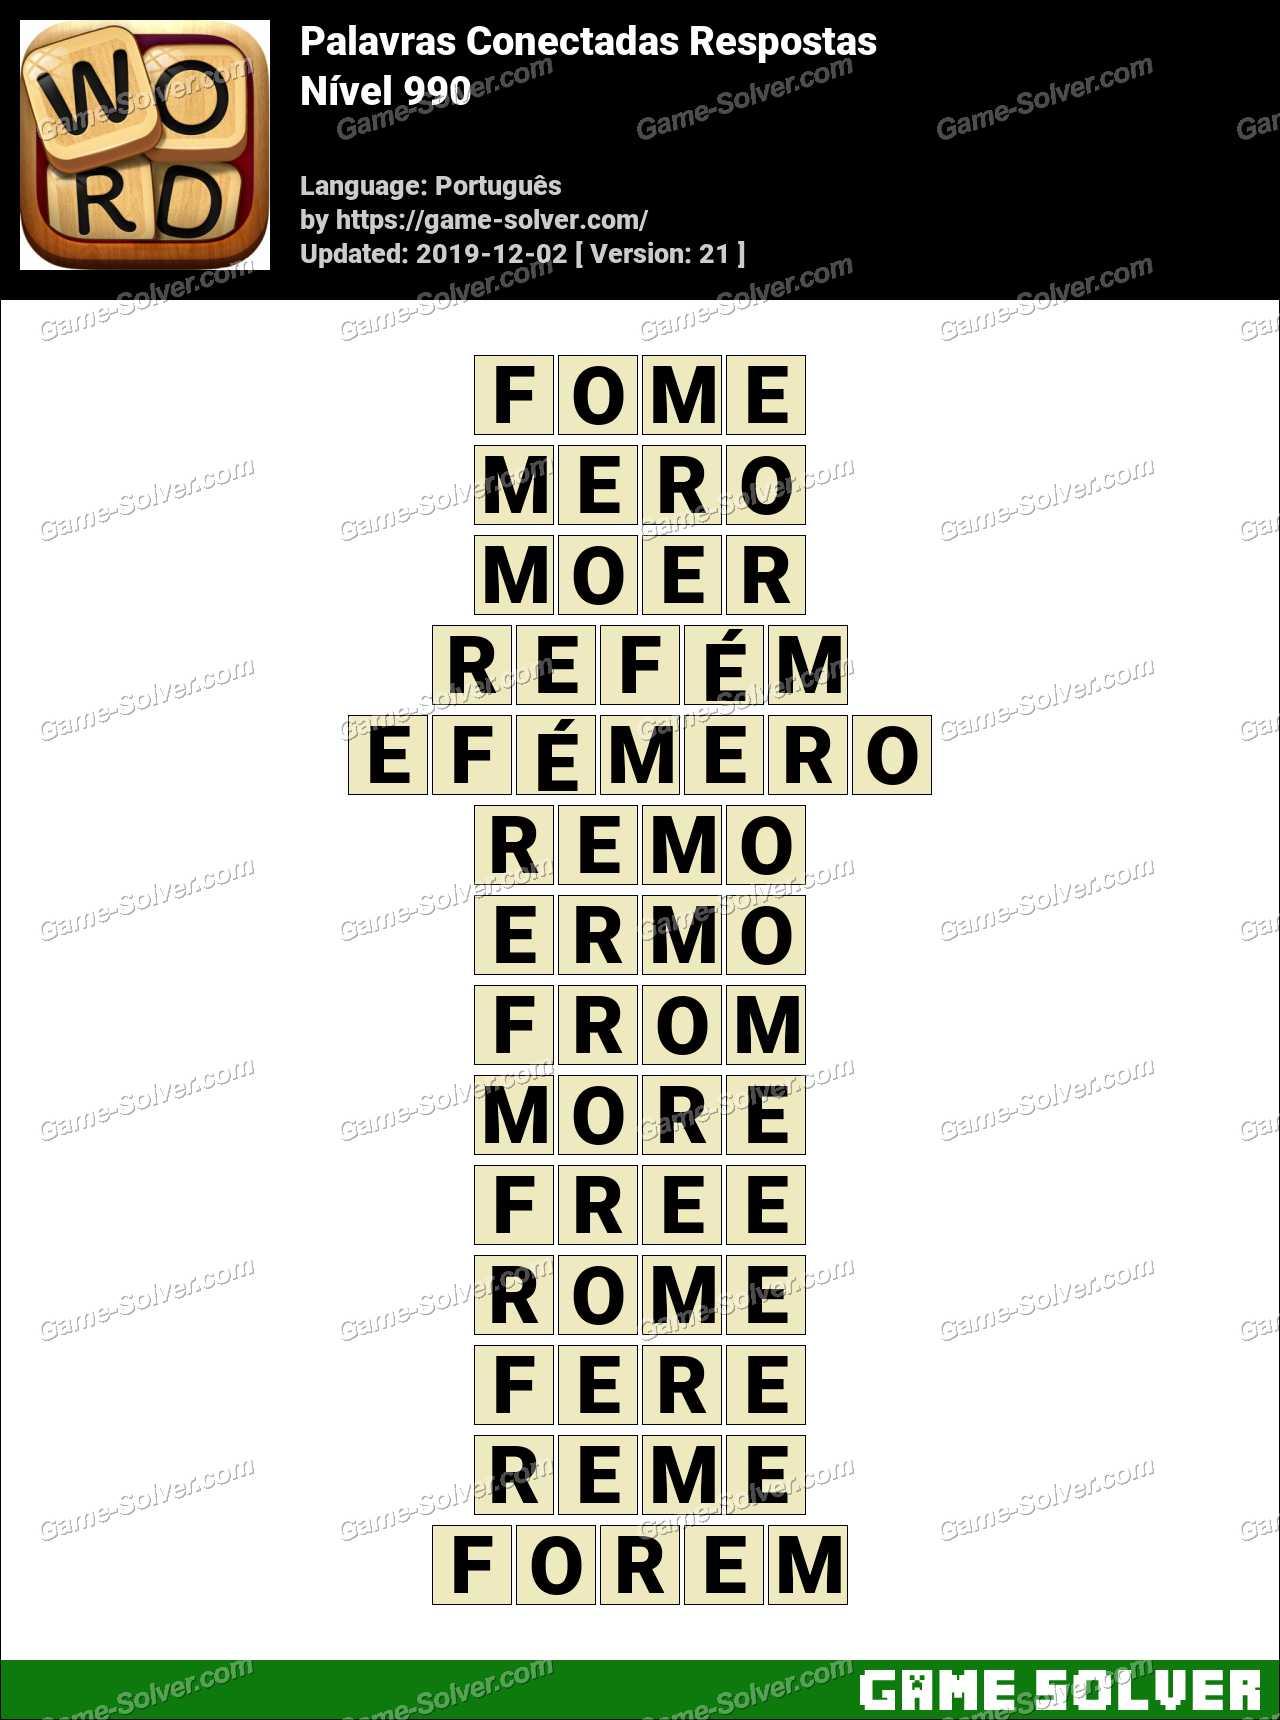 Palavras Conectadas Nivel 990 Respostas